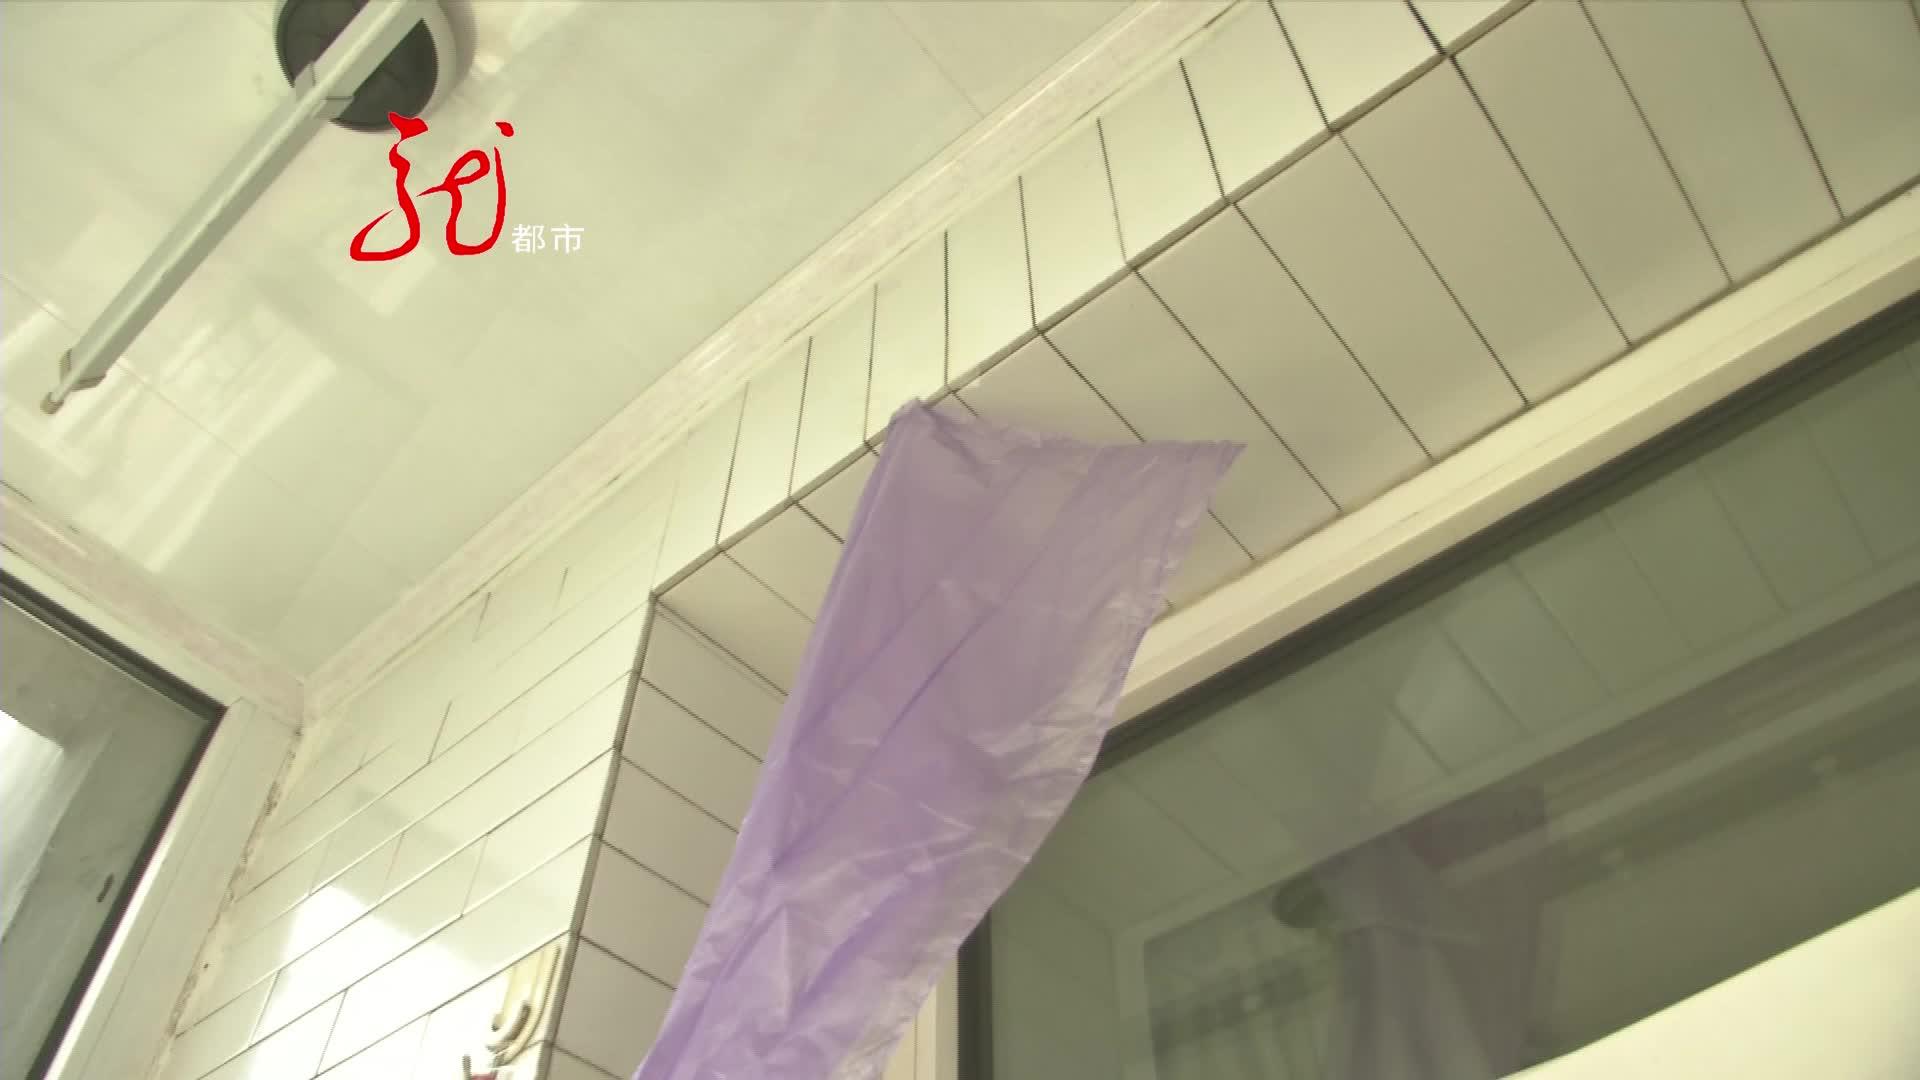 愁人!楼体外墙进行改造 改造之后阳台莫名其妙开始漏